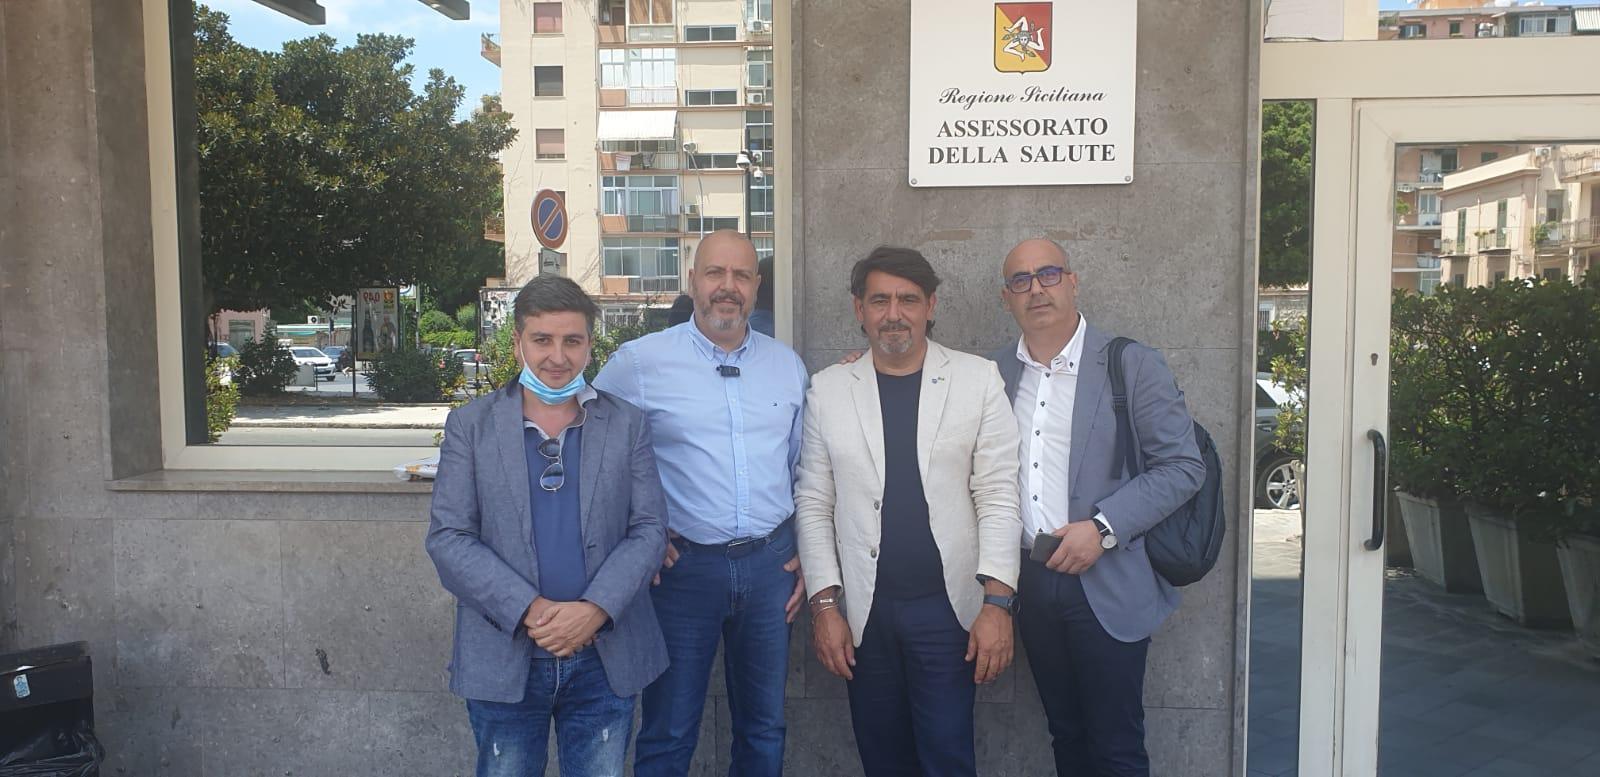 Seus 118. Ugl sanità e medici Sicilia ricevute ieri in Assessorato della Salute per un confronto sulla nascita di Areus.